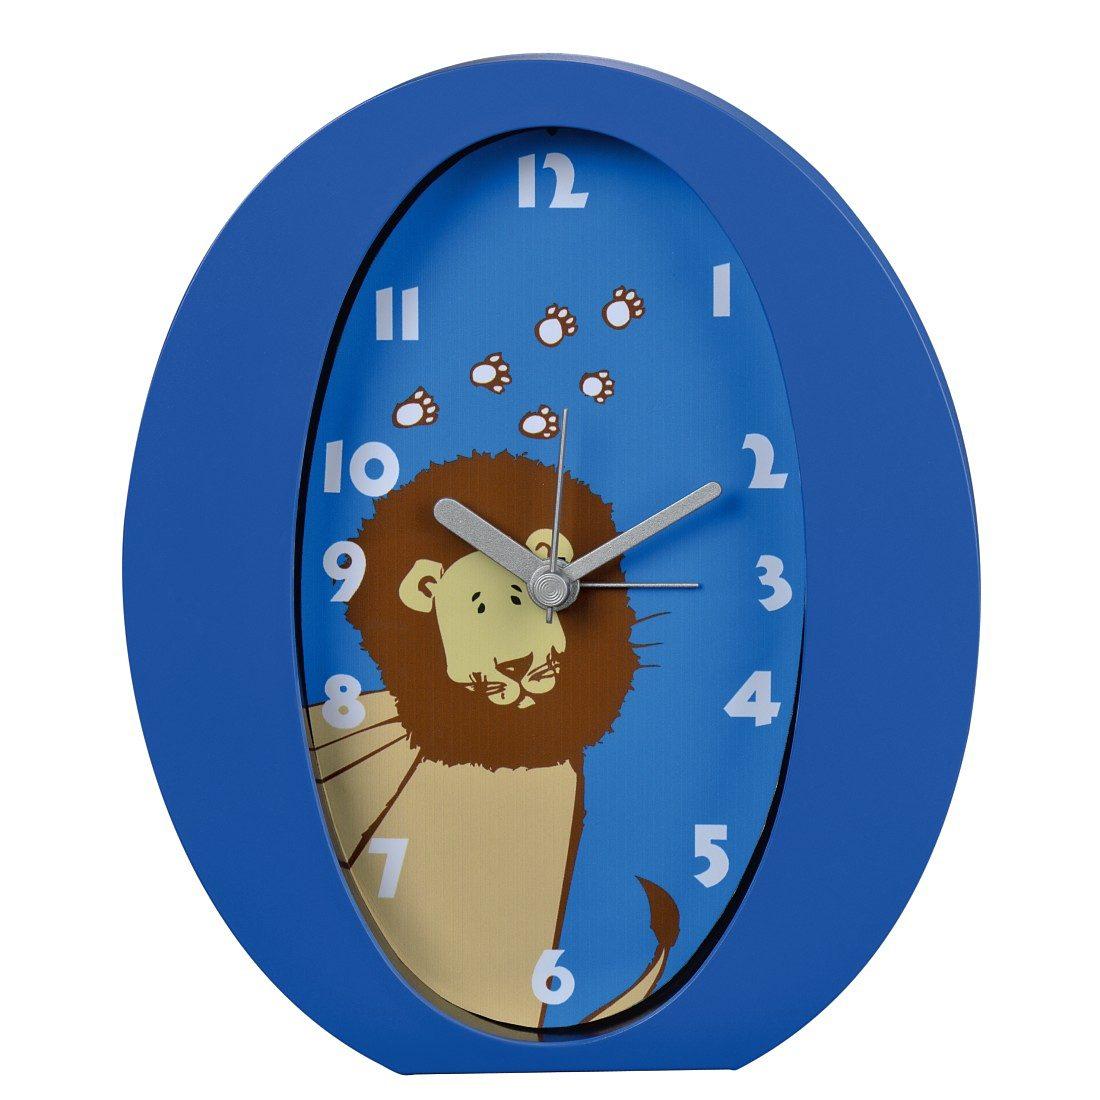 Hama Kinderwecker Wecker Uhr mit analoger Anzeige, geräuscharm »Löwe«